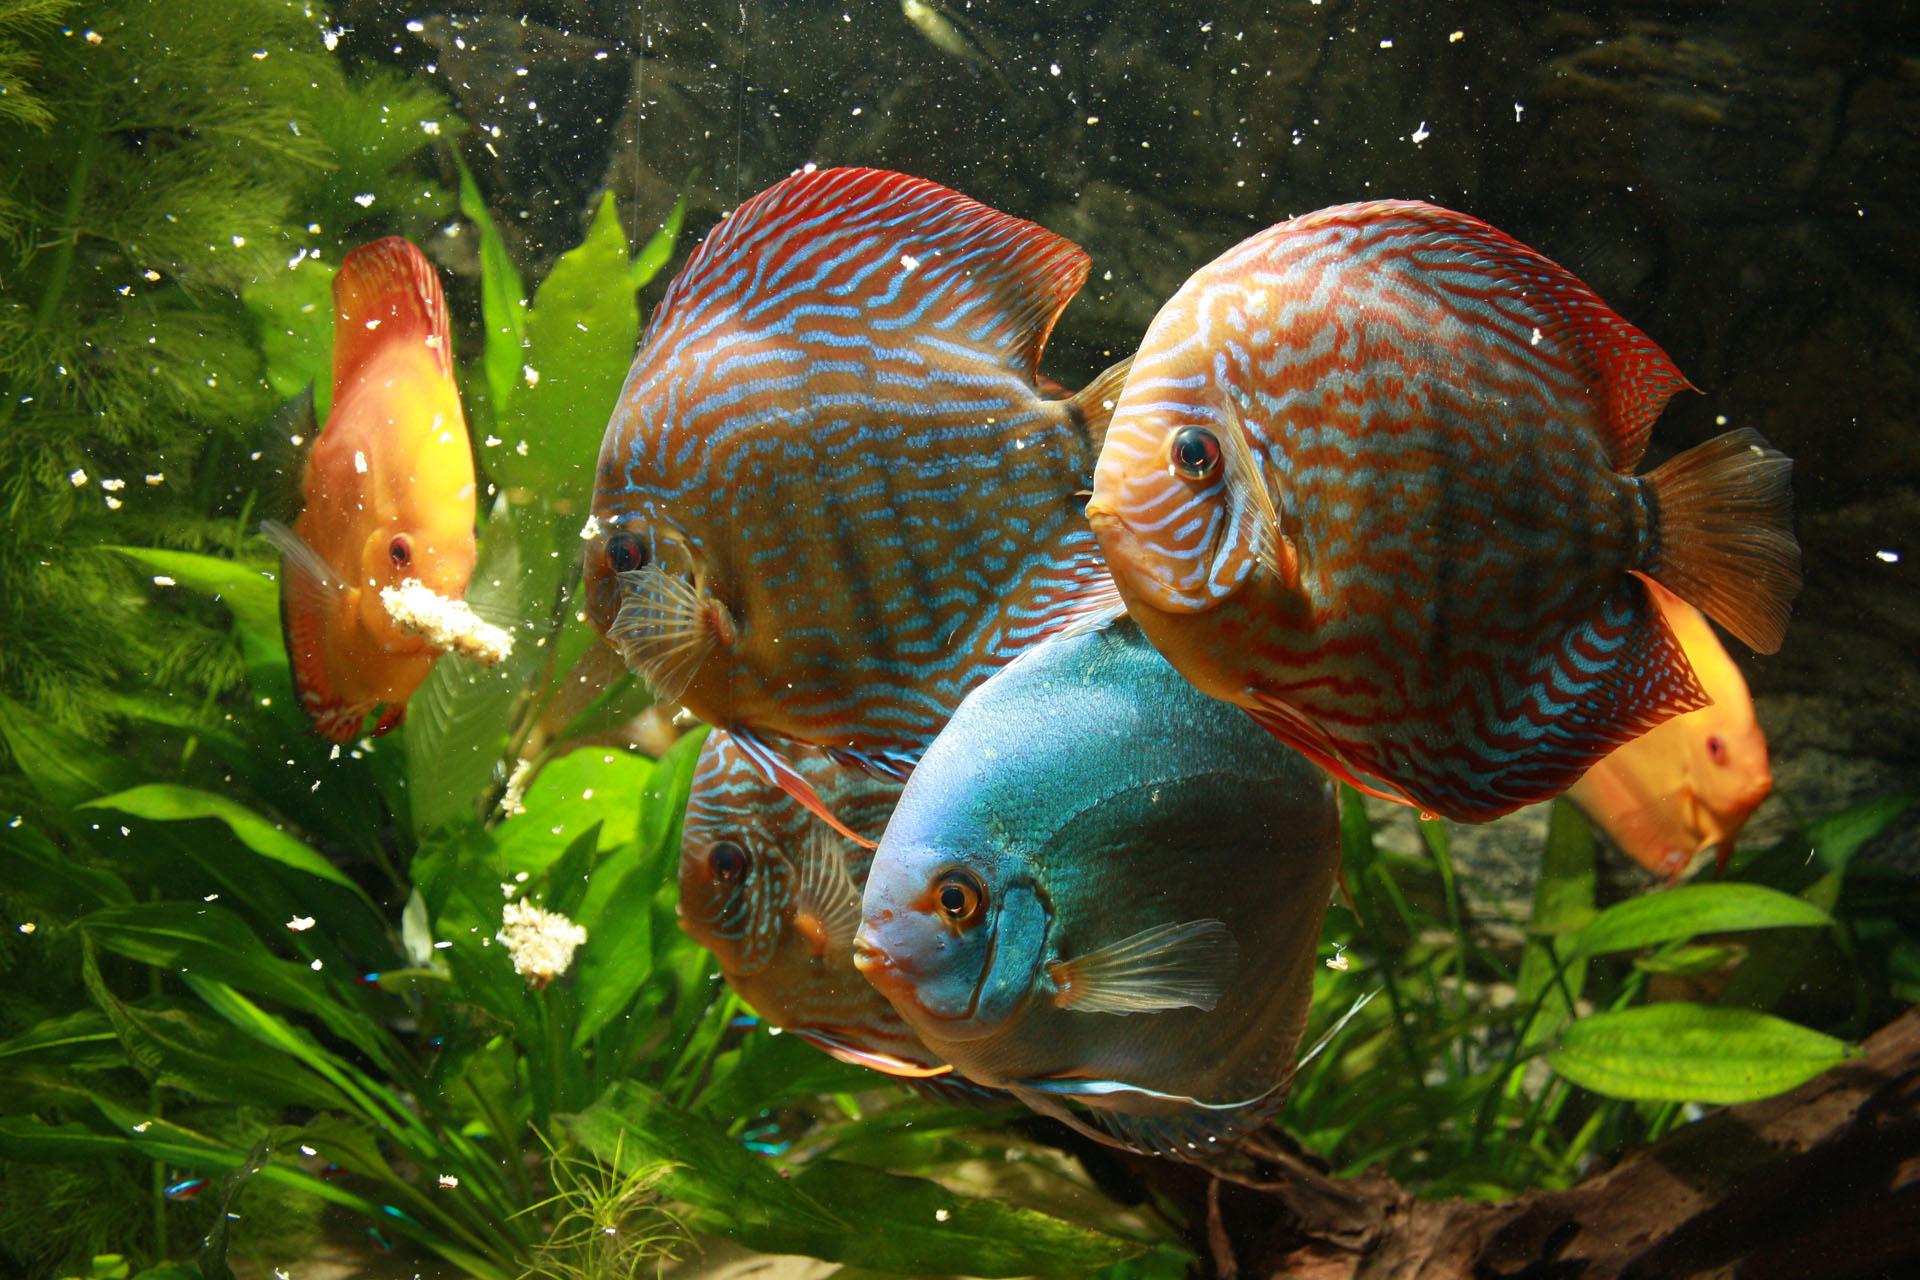 Show aquarium met Stendker discusvissen: Malboro Red, Red Turquoise, Vlak Turquoise eten discusmix